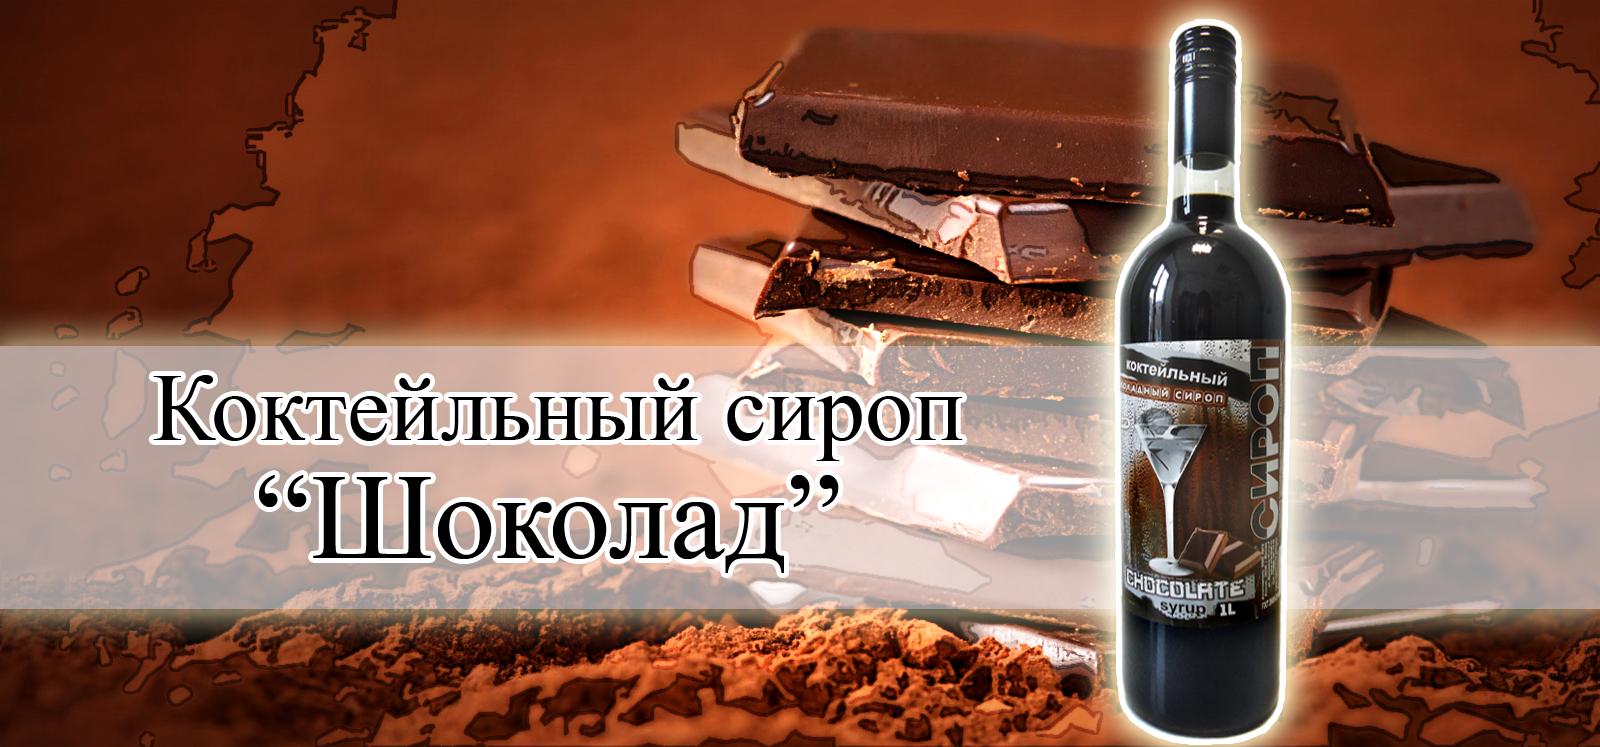 Арта - Сиропы - Коктейльный сироп Шоколад